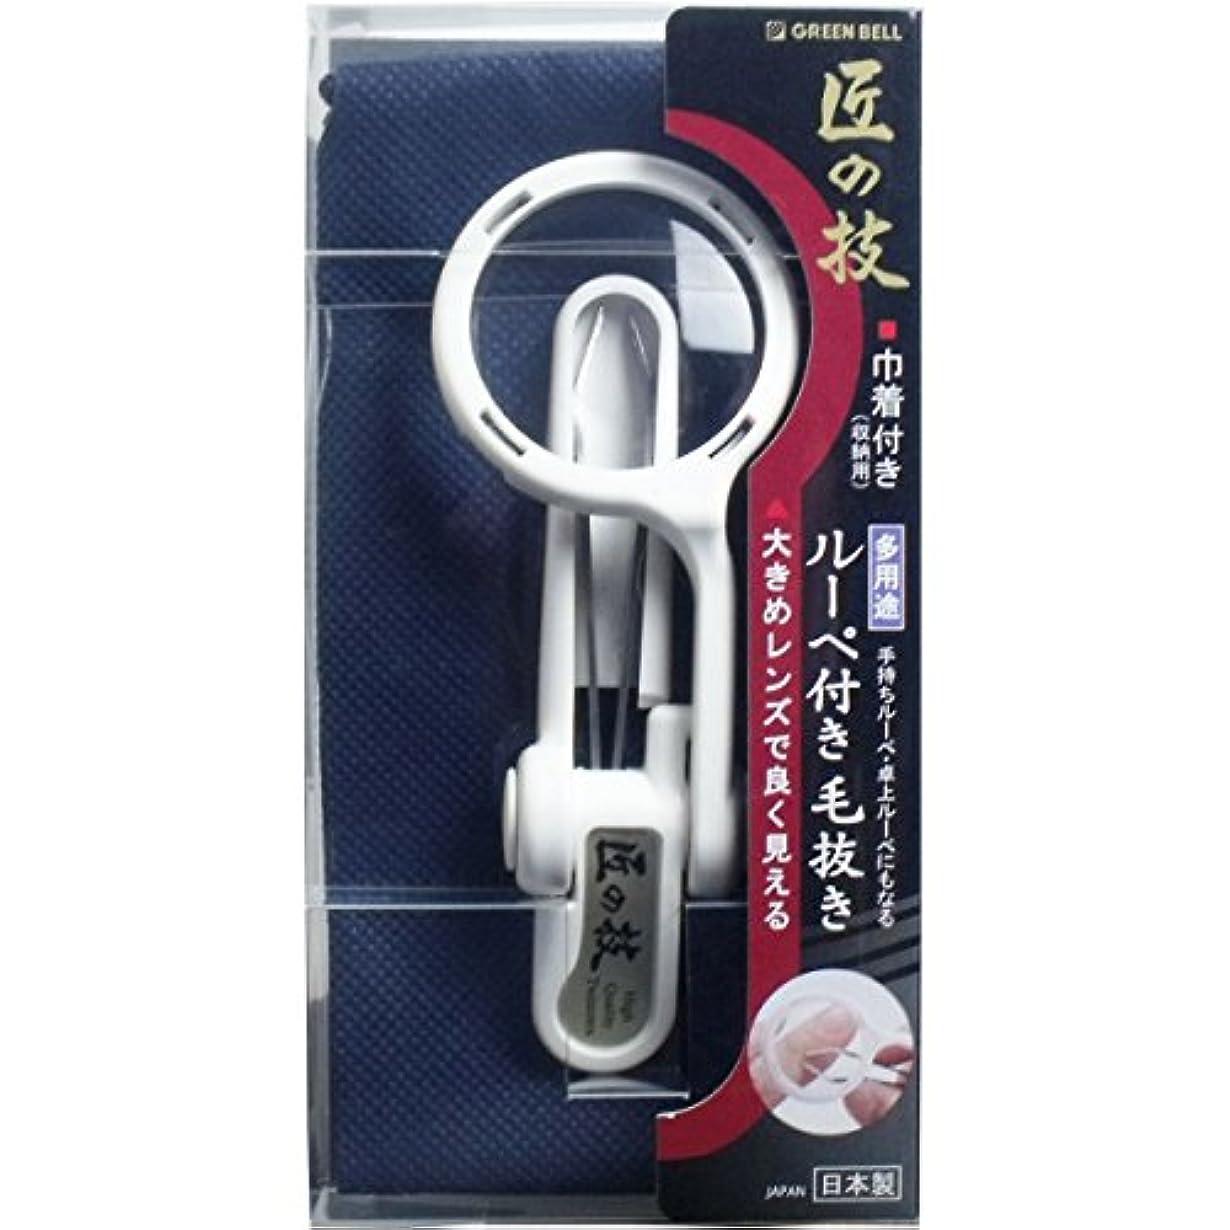 趣味美的売るグリーンベル:匠の技ルーペ付き毛抜き(巾着付き) G-1005 001483000076